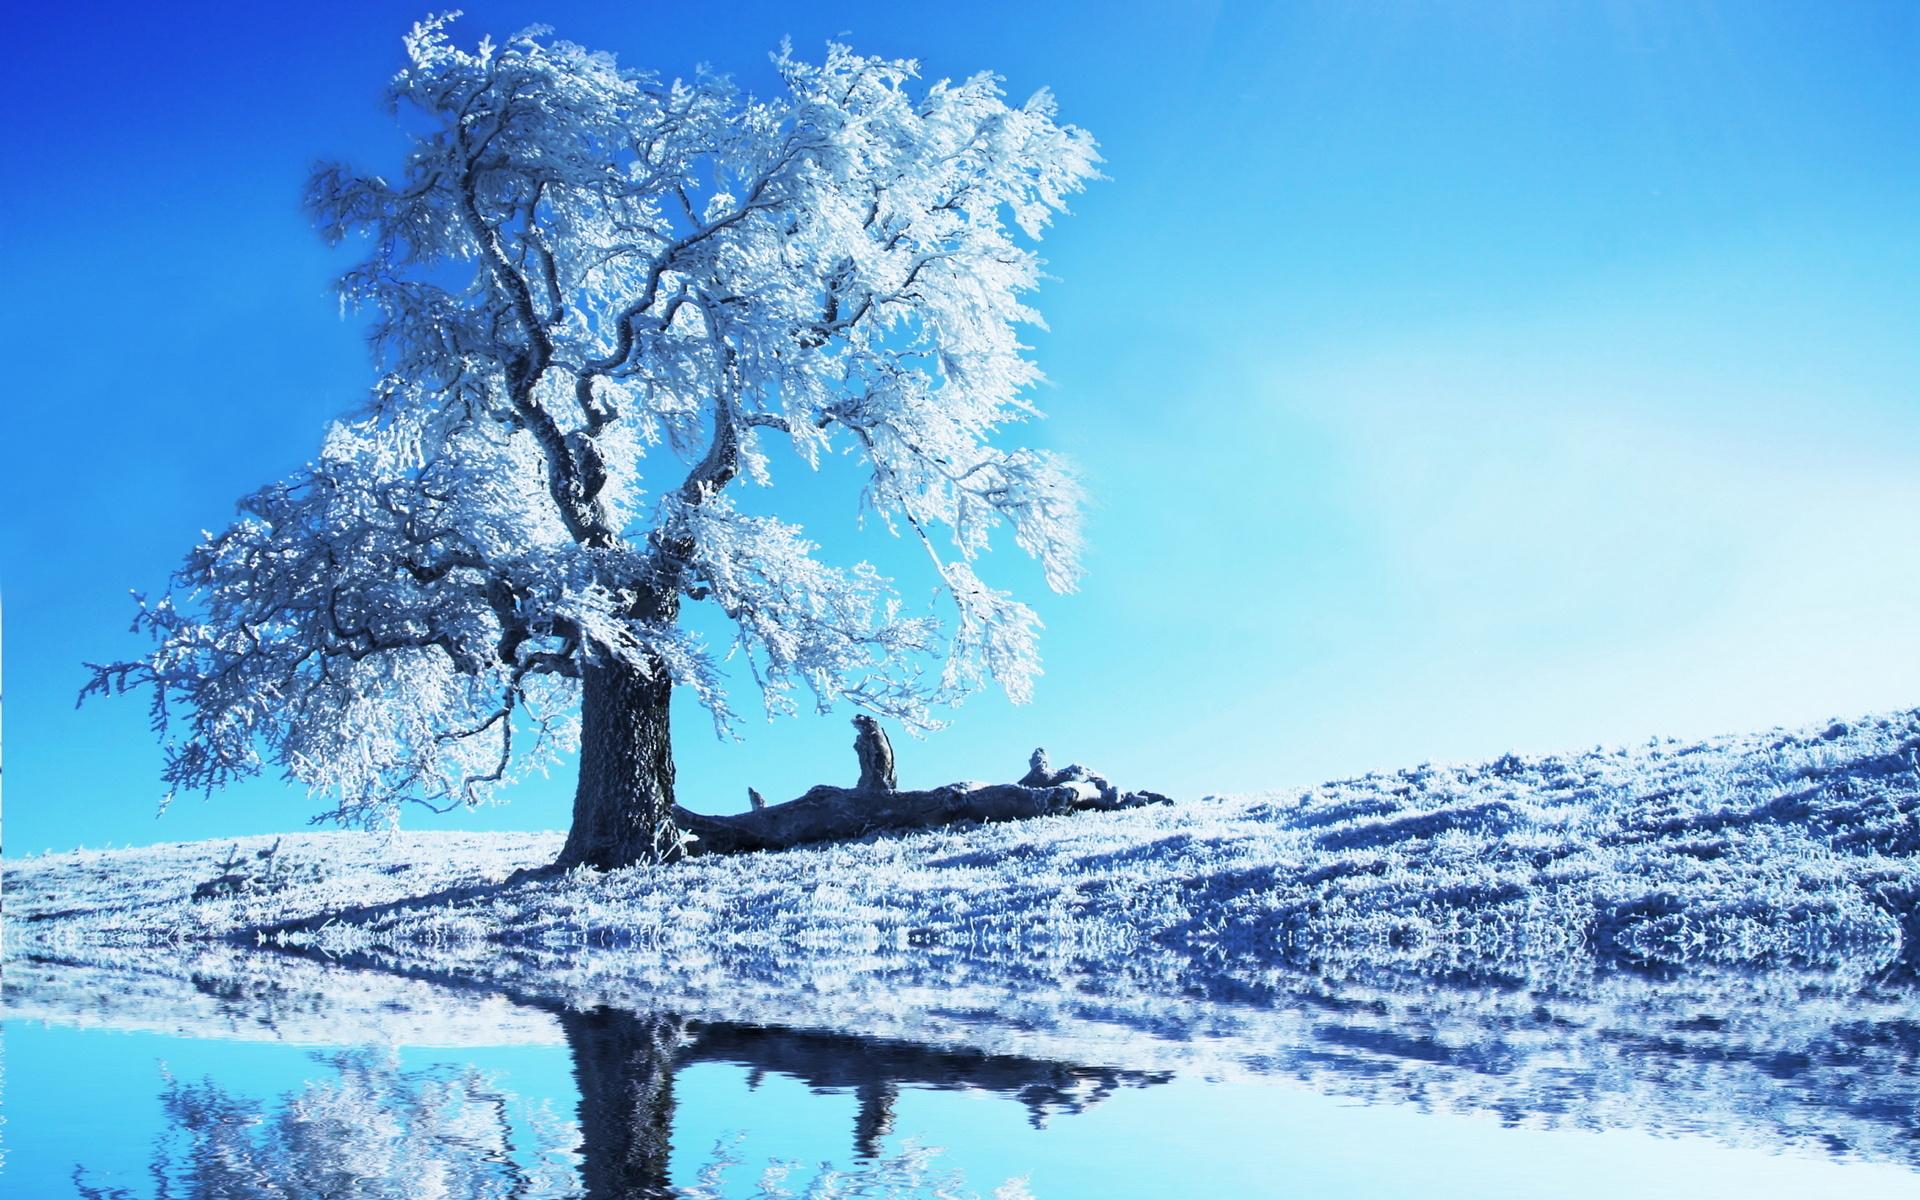 ] Ch Hnh Nn Tuyt Snow Wallpapers HD Full HD 4K 1920x1200